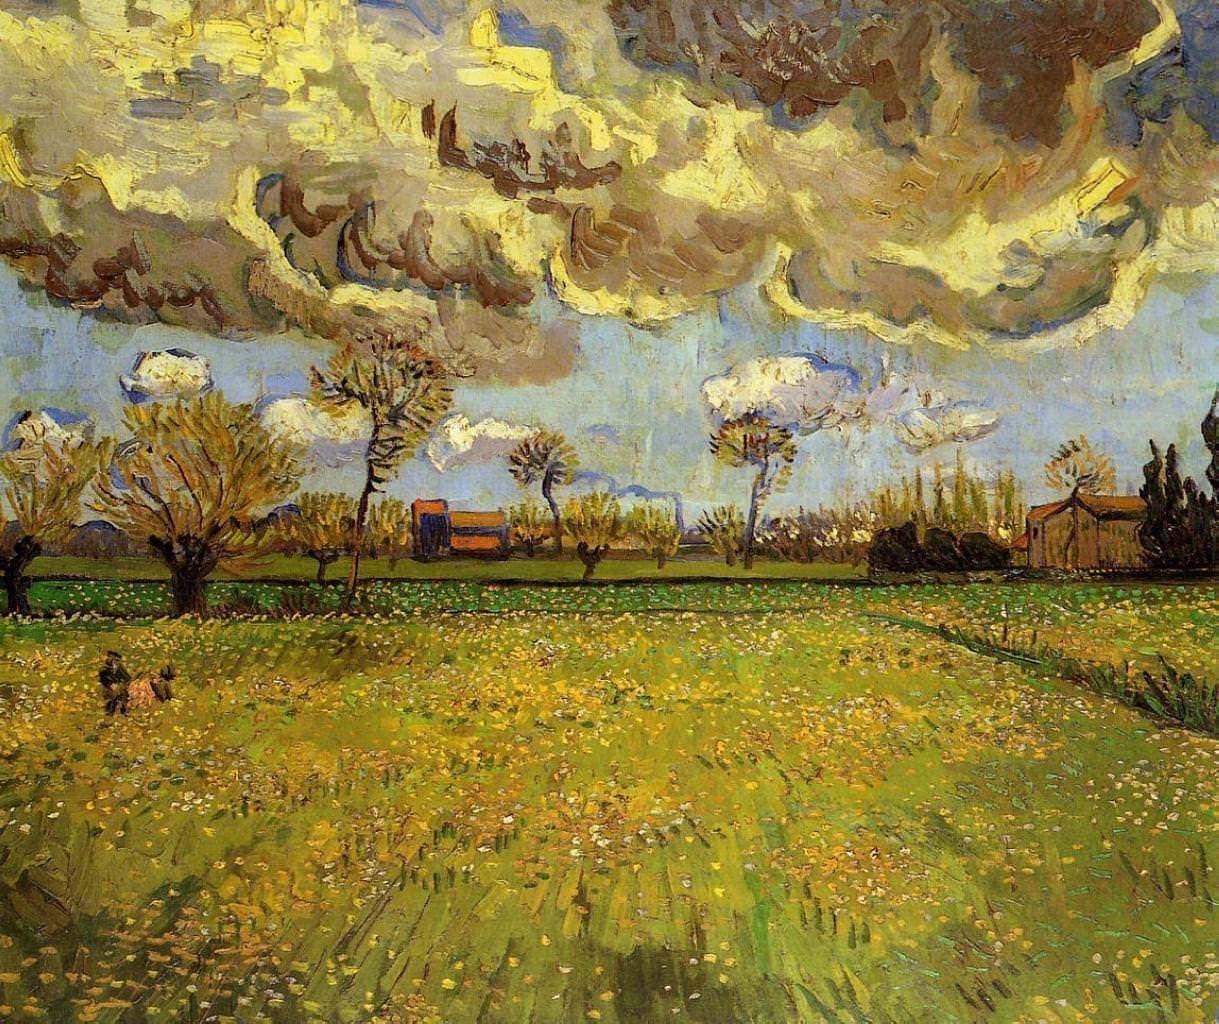 Пейзаж под грозовым небом [ картина - пейзаж ] :: Ван Гог, описание картины - Van Gogh (Ван Гог) фото